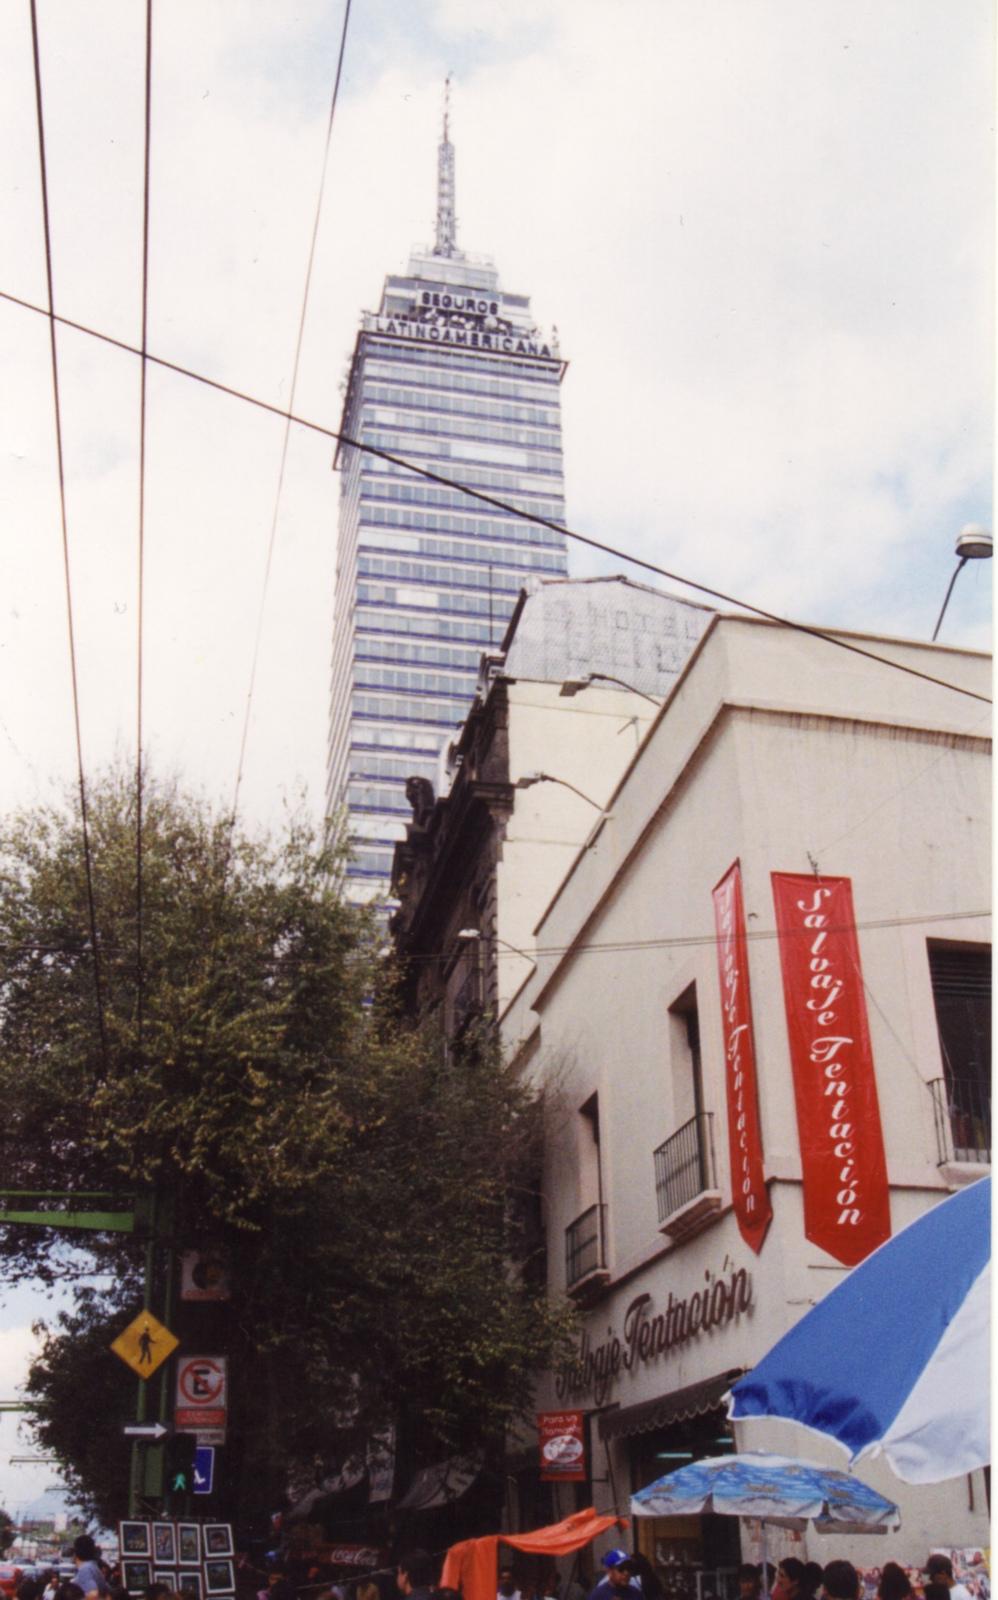 旅先に媚びない紀行文: メキシコ